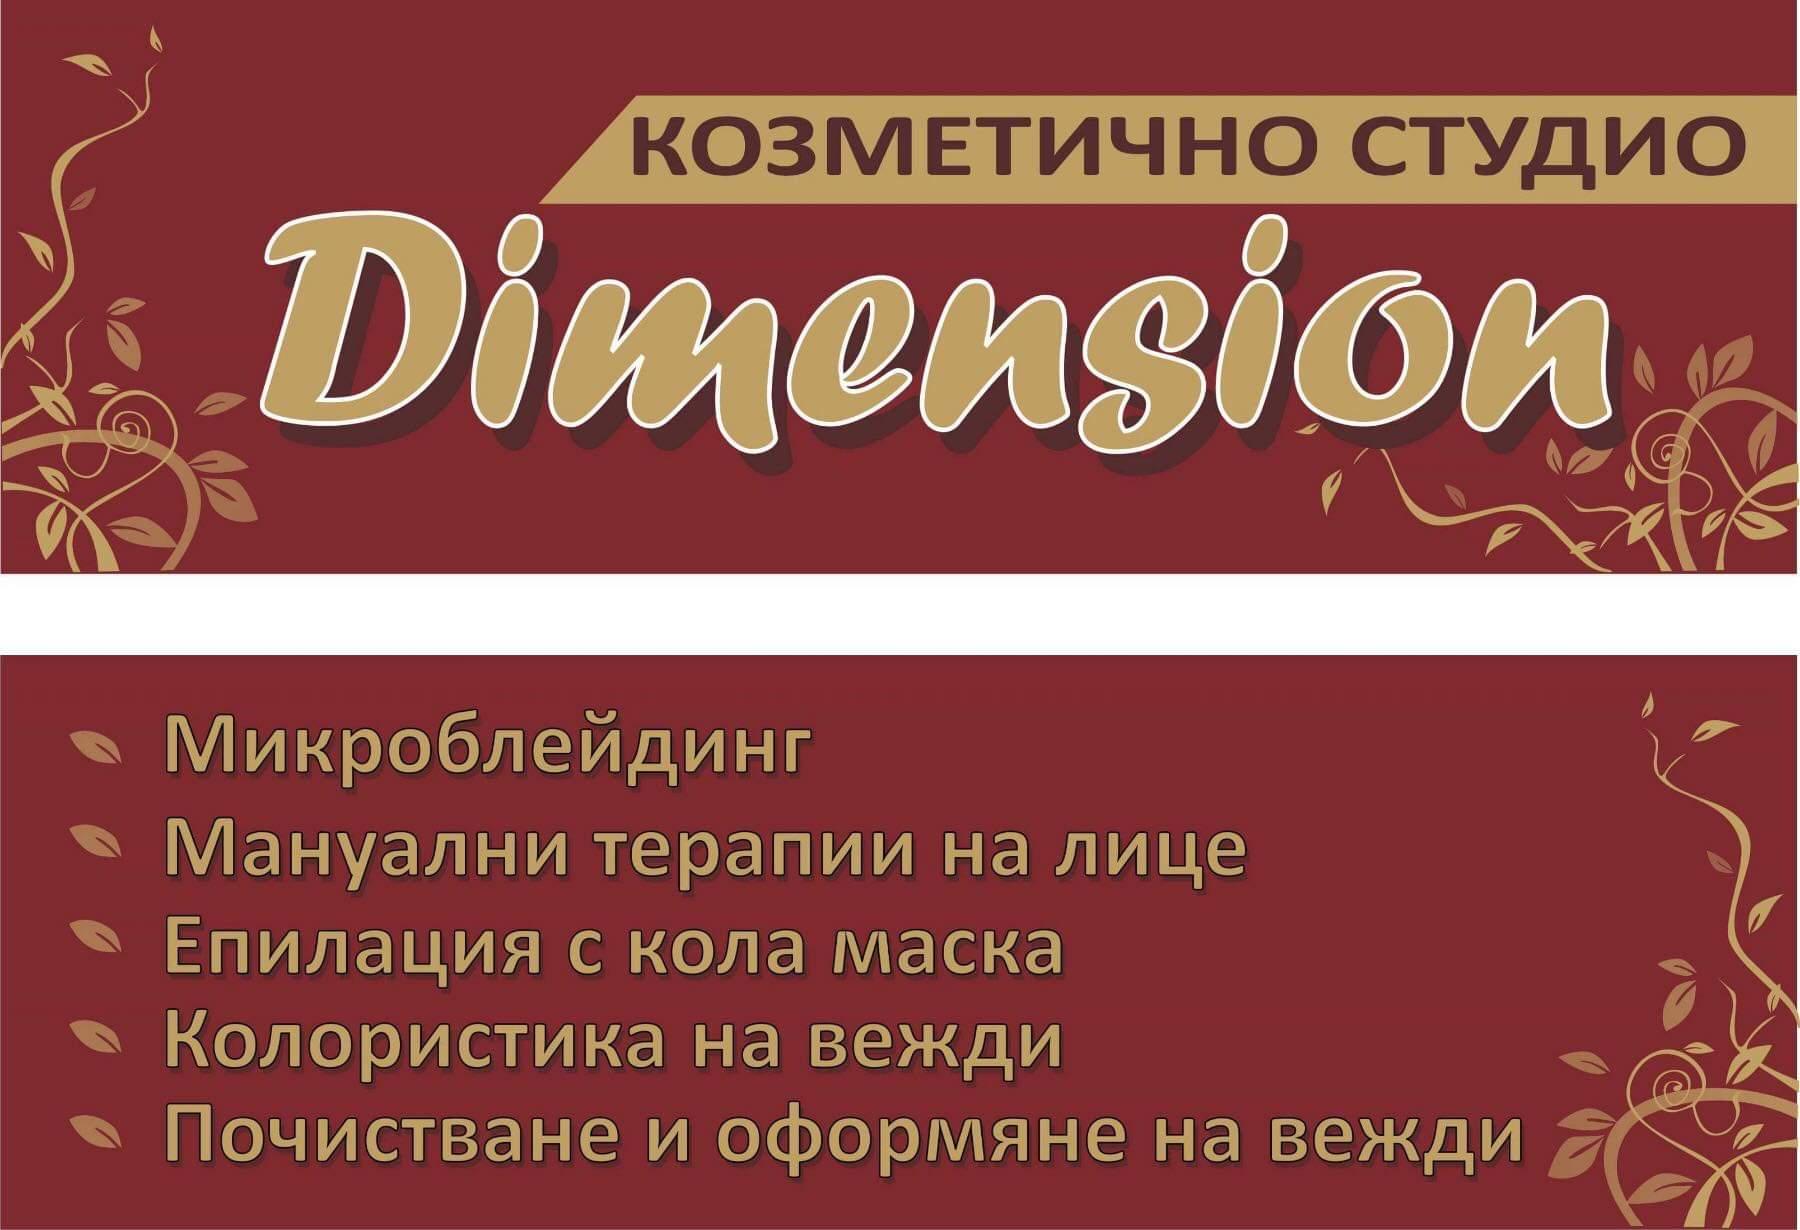 Козметично студио Dimension